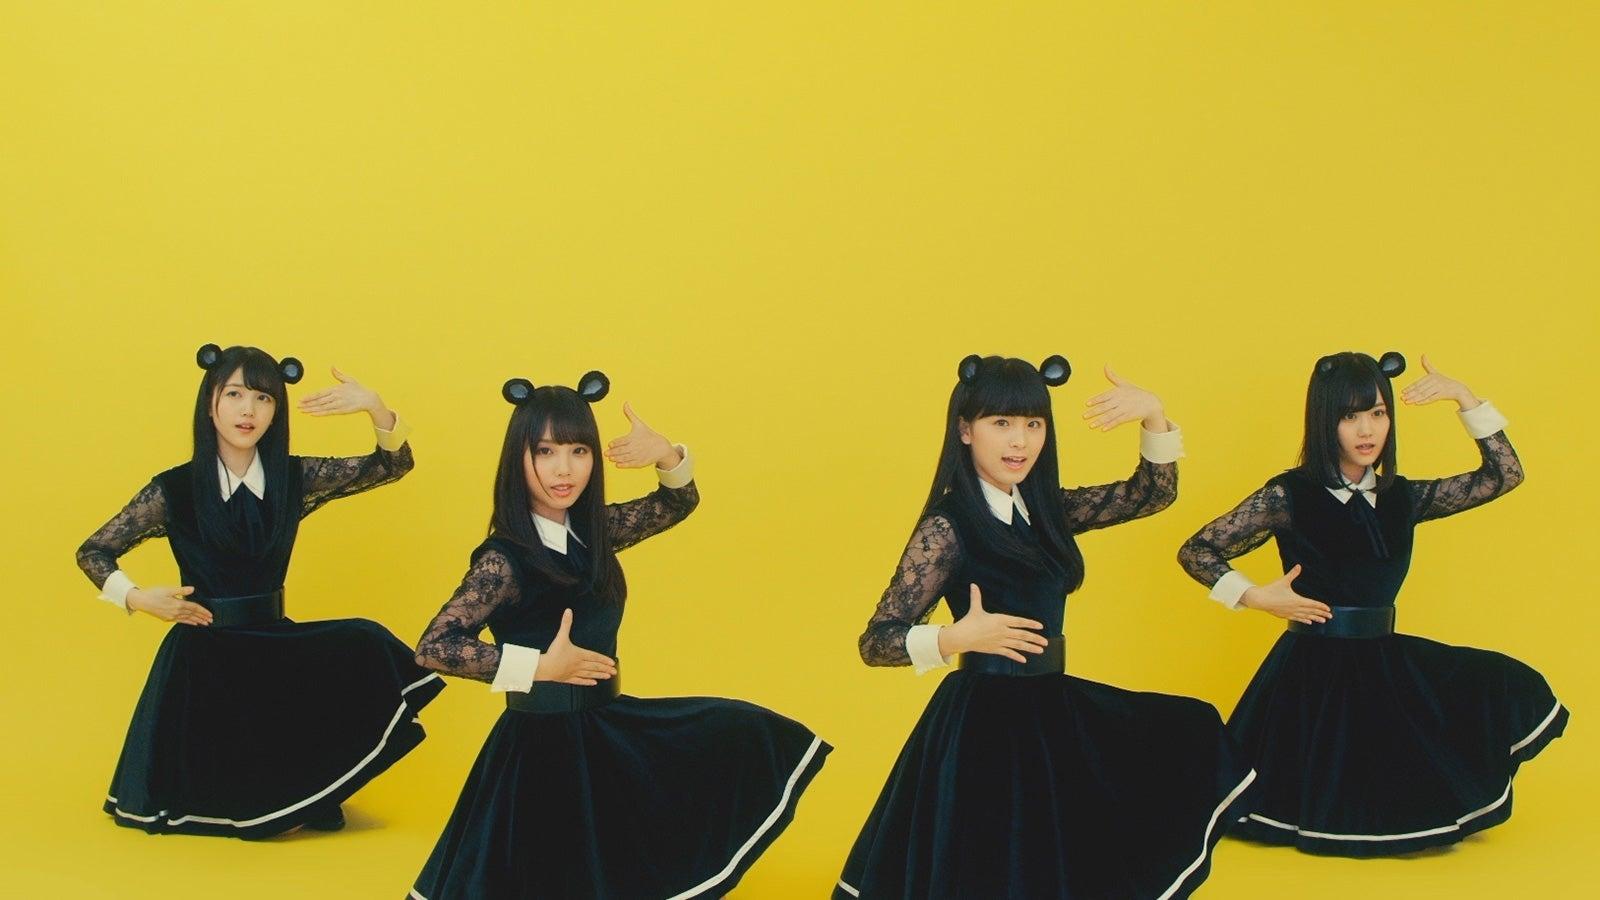 乃木坂46大園桃子・久保史緒里・山下美月・与田祐希の可愛さに夢中 先輩に続く「マウスダンス」披露